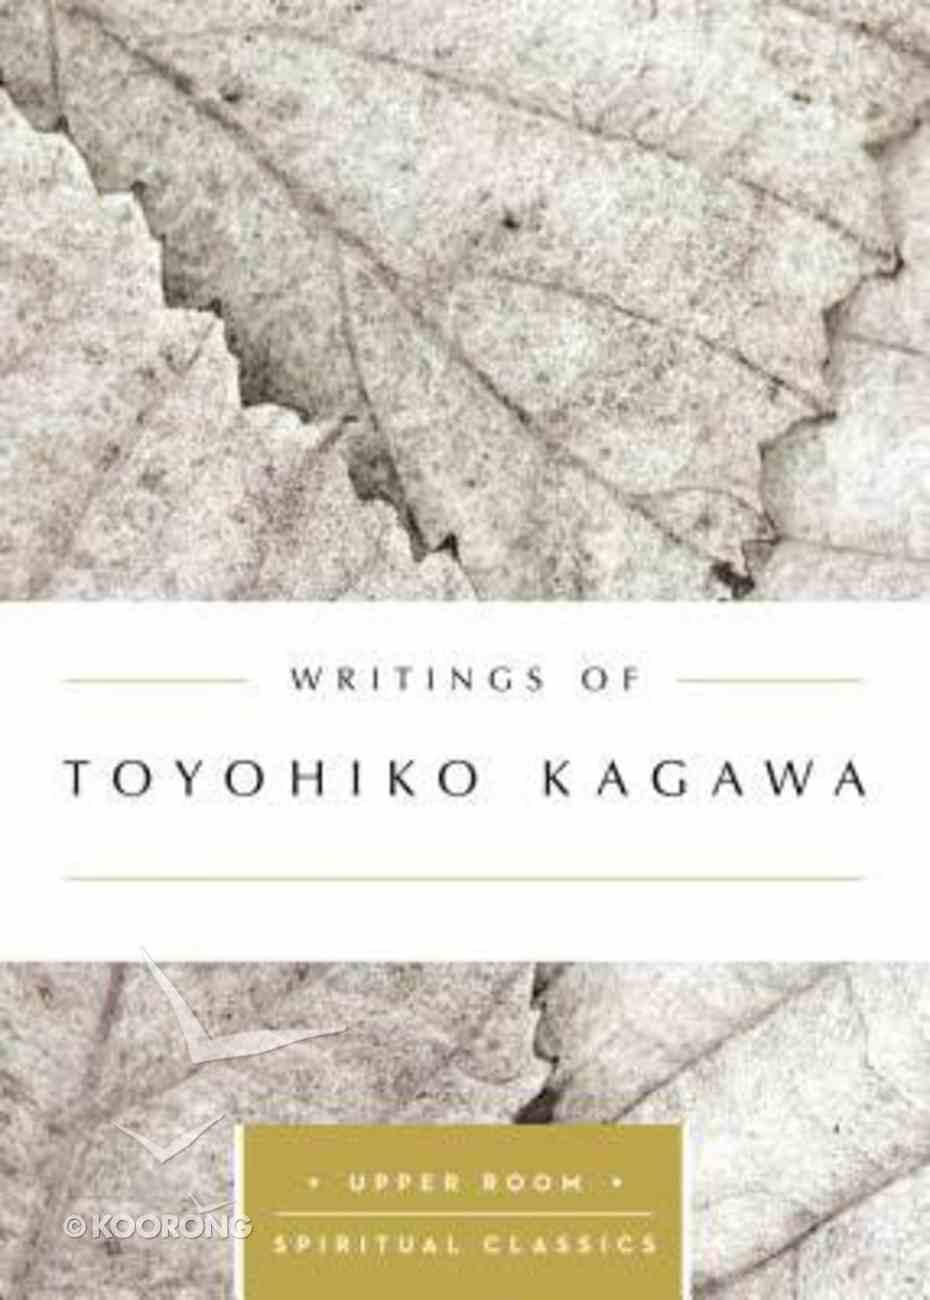 Writings of Toyohiko Kagawa (Upper Room Spiritual Classics Series) Paperback